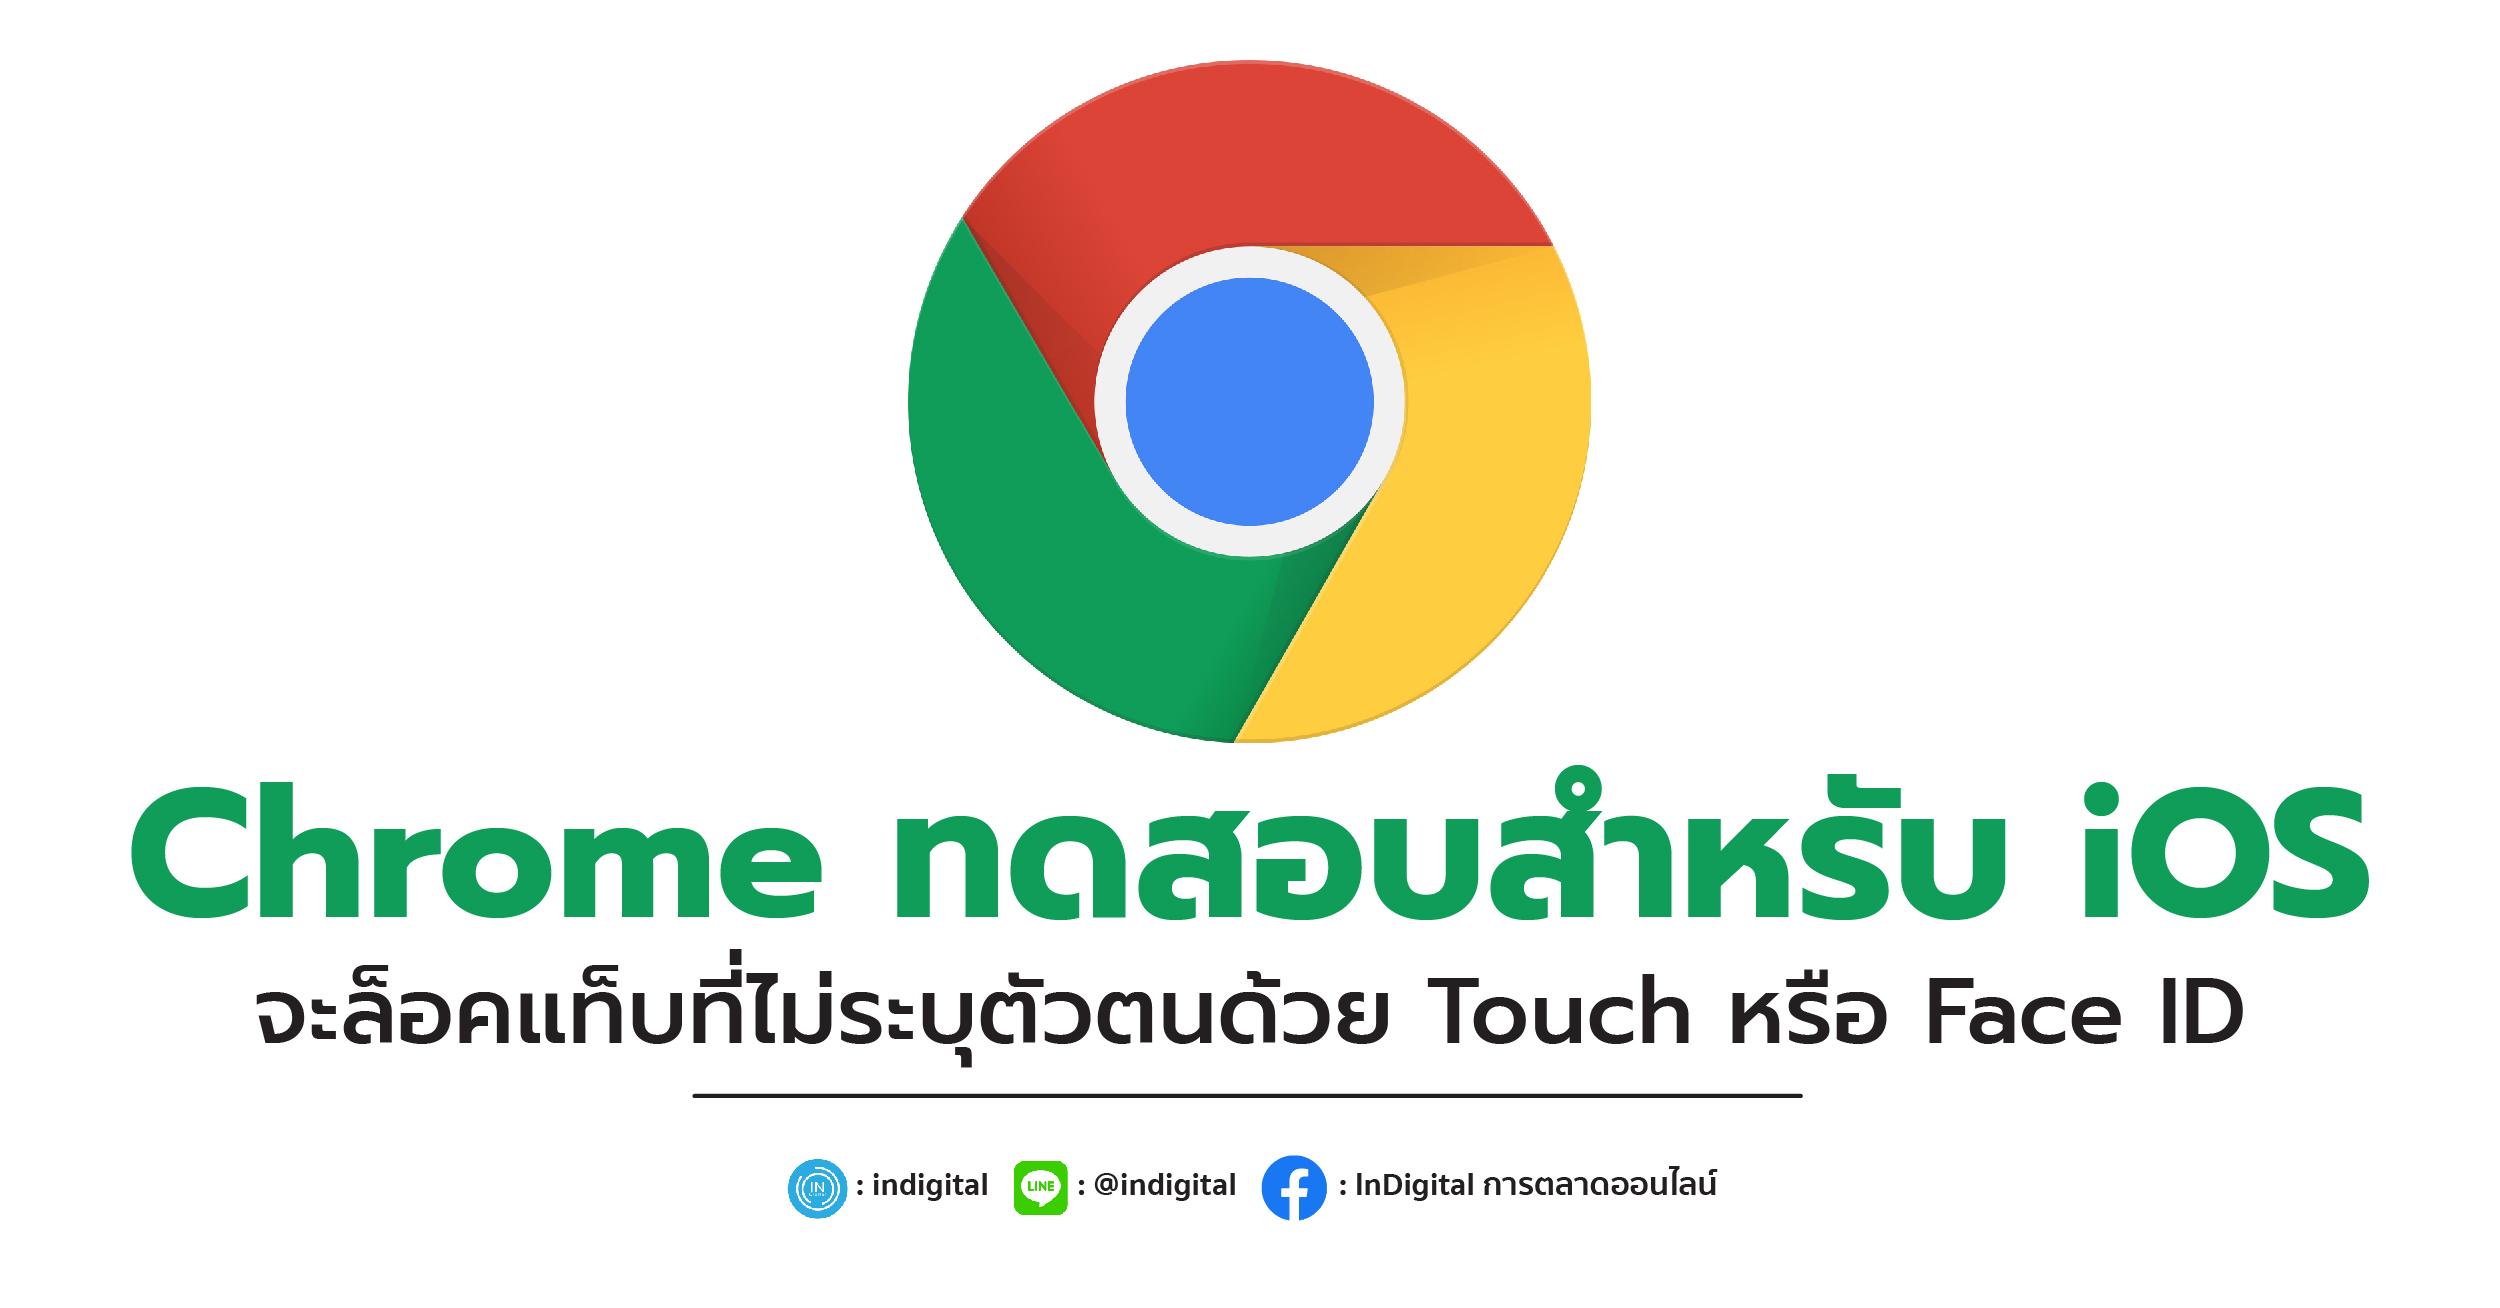 Chrome ทดสอบสำหรับ iOS จะล็อคแท็บที่ไม่ระบุตัวตนด้วย Touch หรือ Face ID